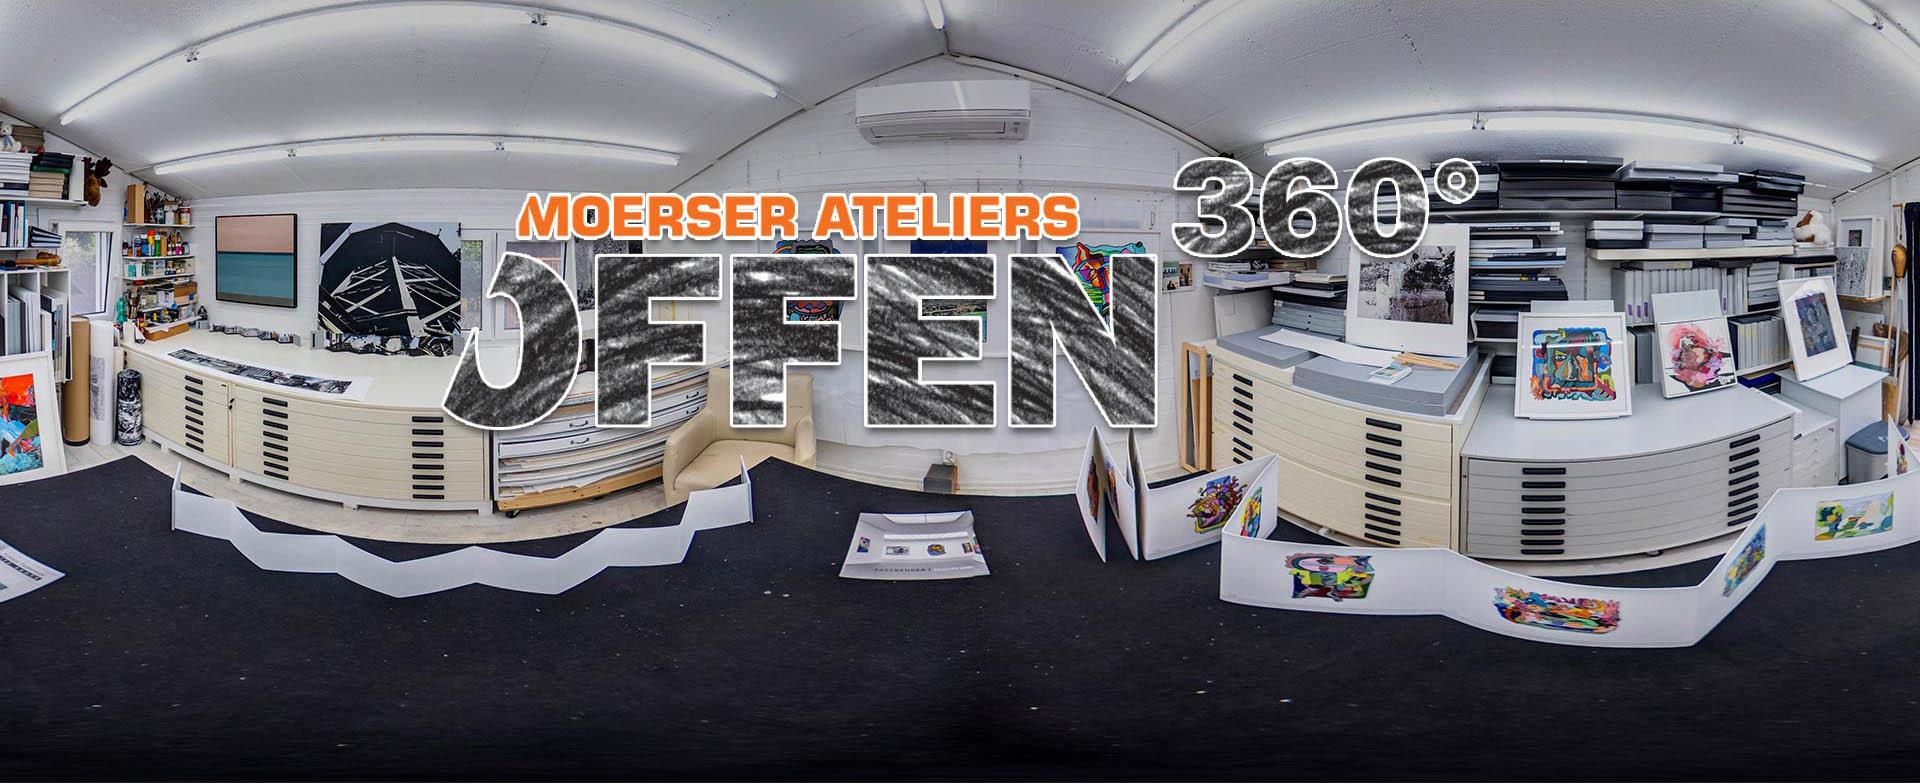 """Moerser Ateliers """"Offen"""" -360°"""